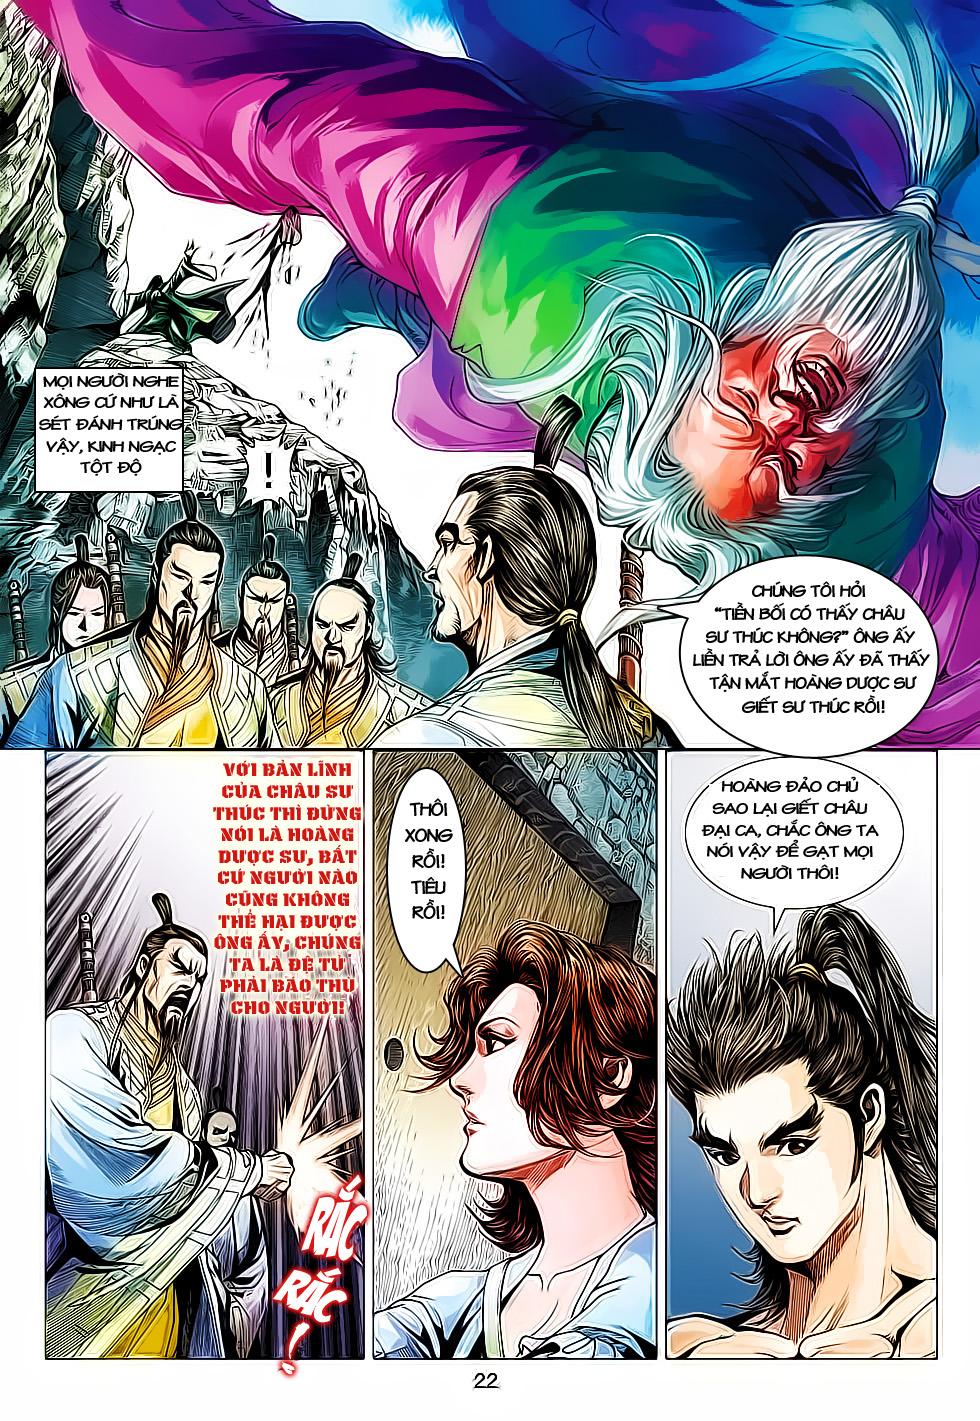 Anh Hùng Xạ Điêu anh hùng xạ đêu chap 61: thất tử chiến thiết thi trang 22